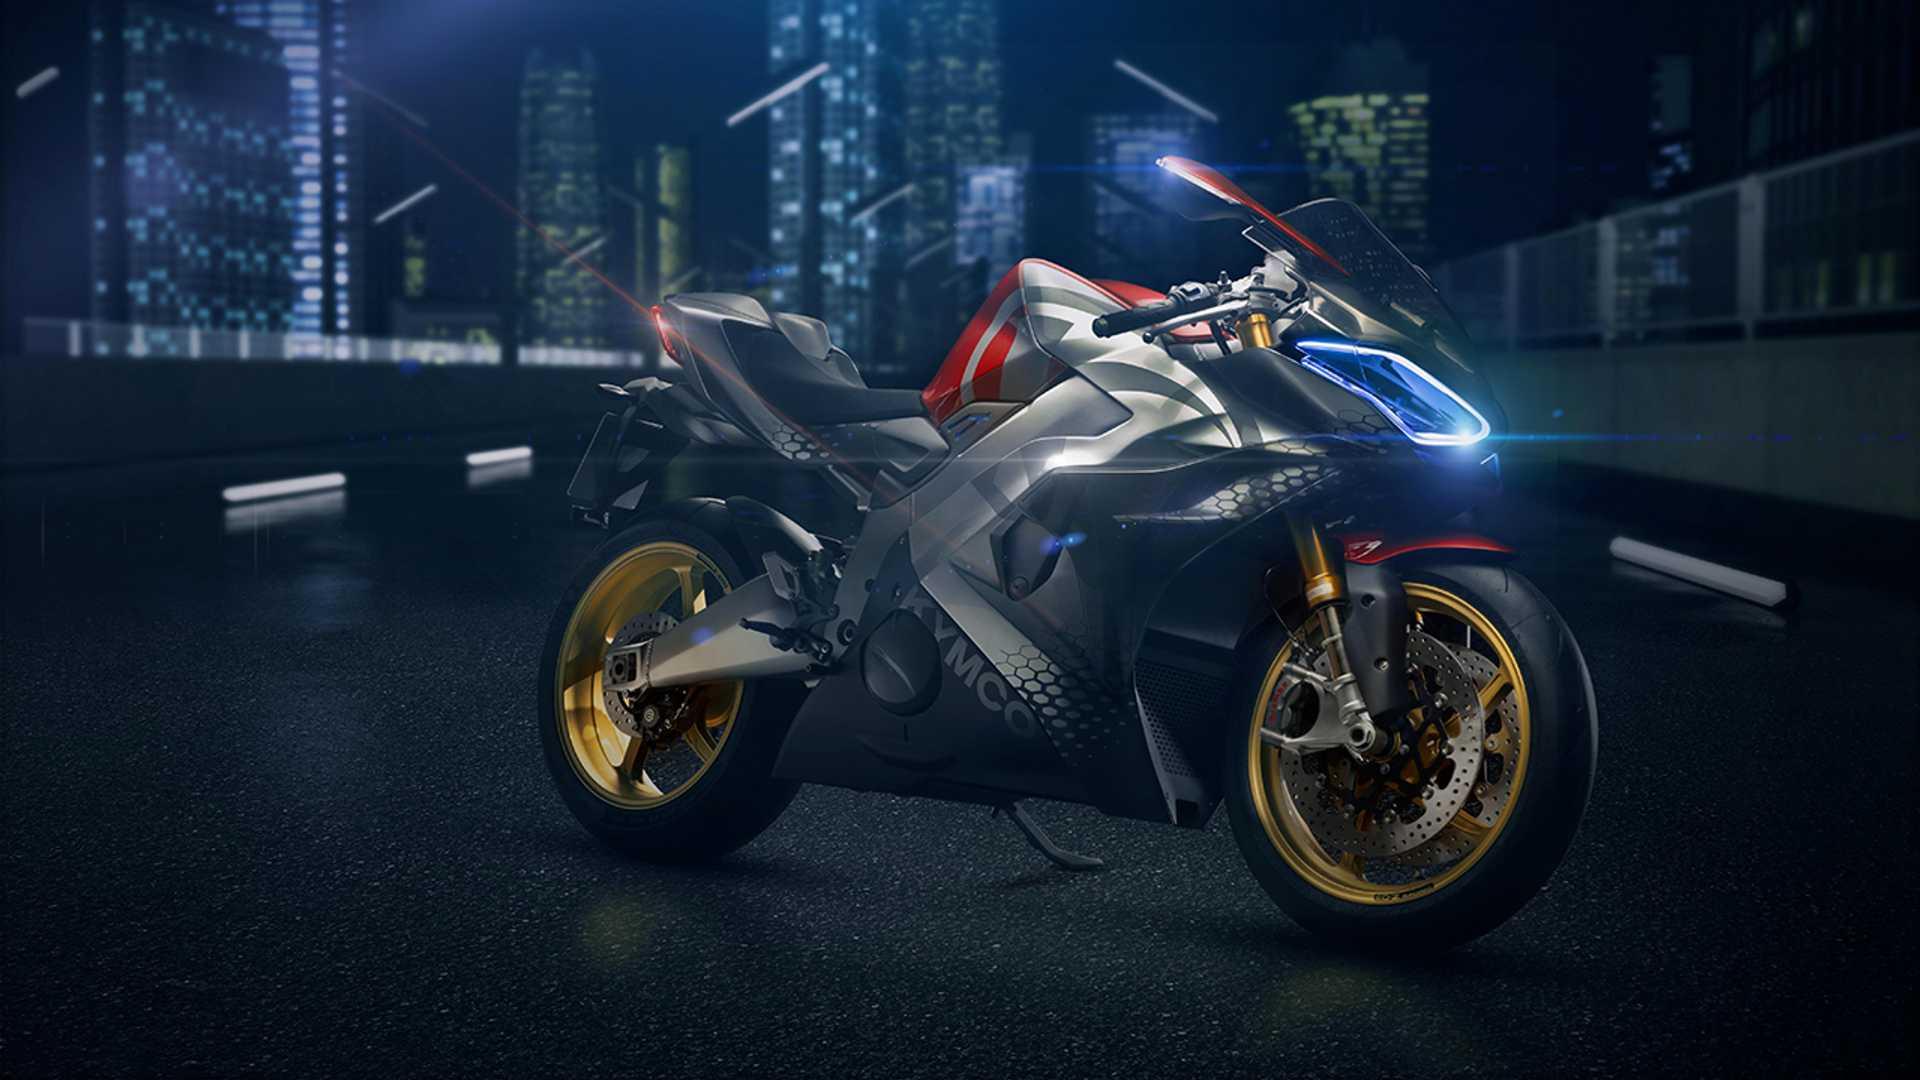 supernex cette moto sportive lectrique imite le bruit d un moteur thermique frandroid. Black Bedroom Furniture Sets. Home Design Ideas